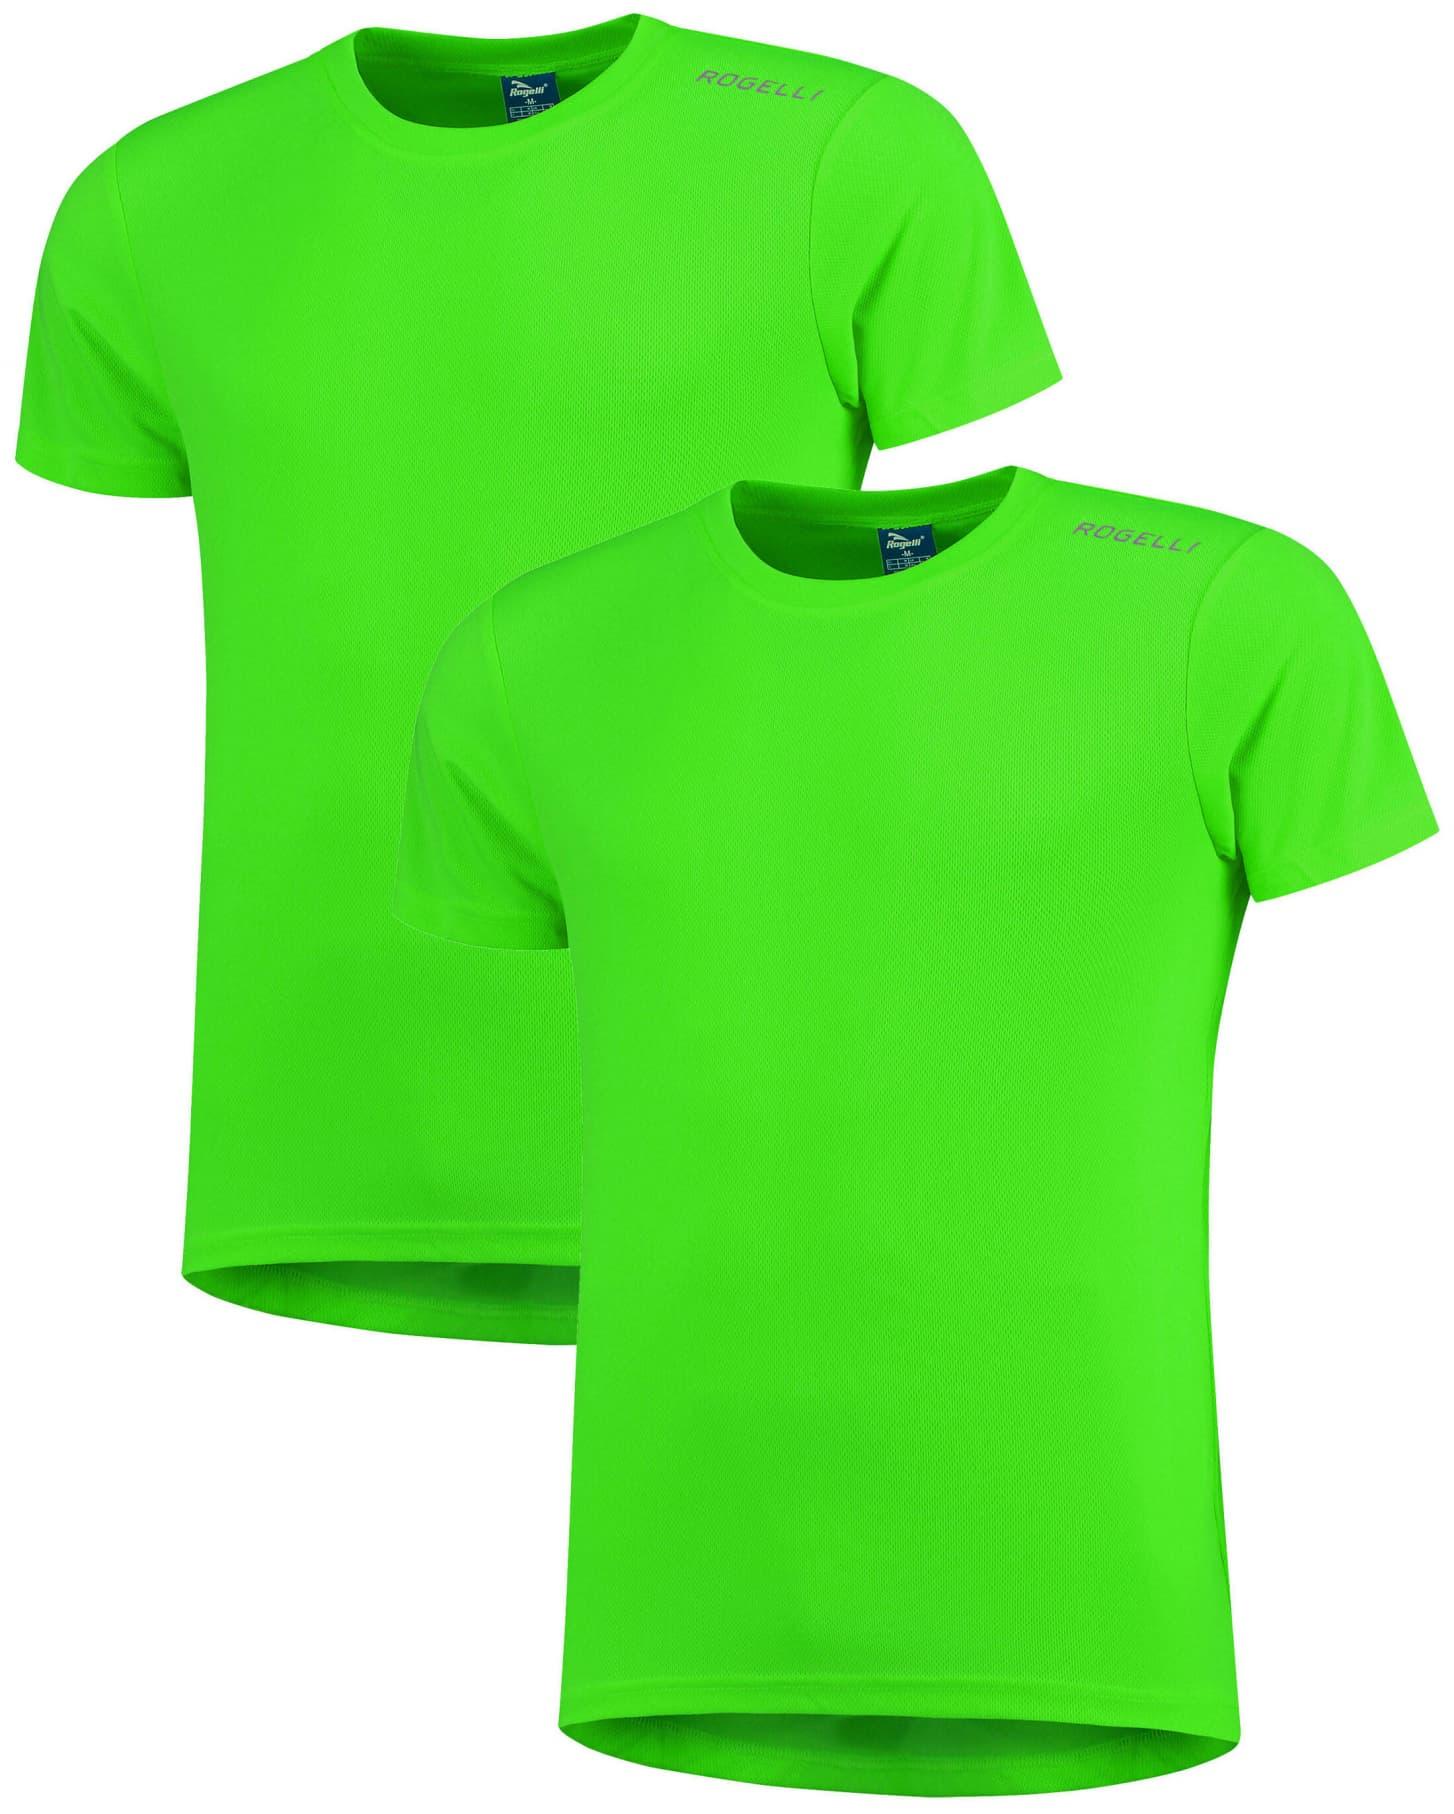 69b5d5030221 Funkčné tričká Rogelli PROMOTION - 2 ks rôzne veľkosti